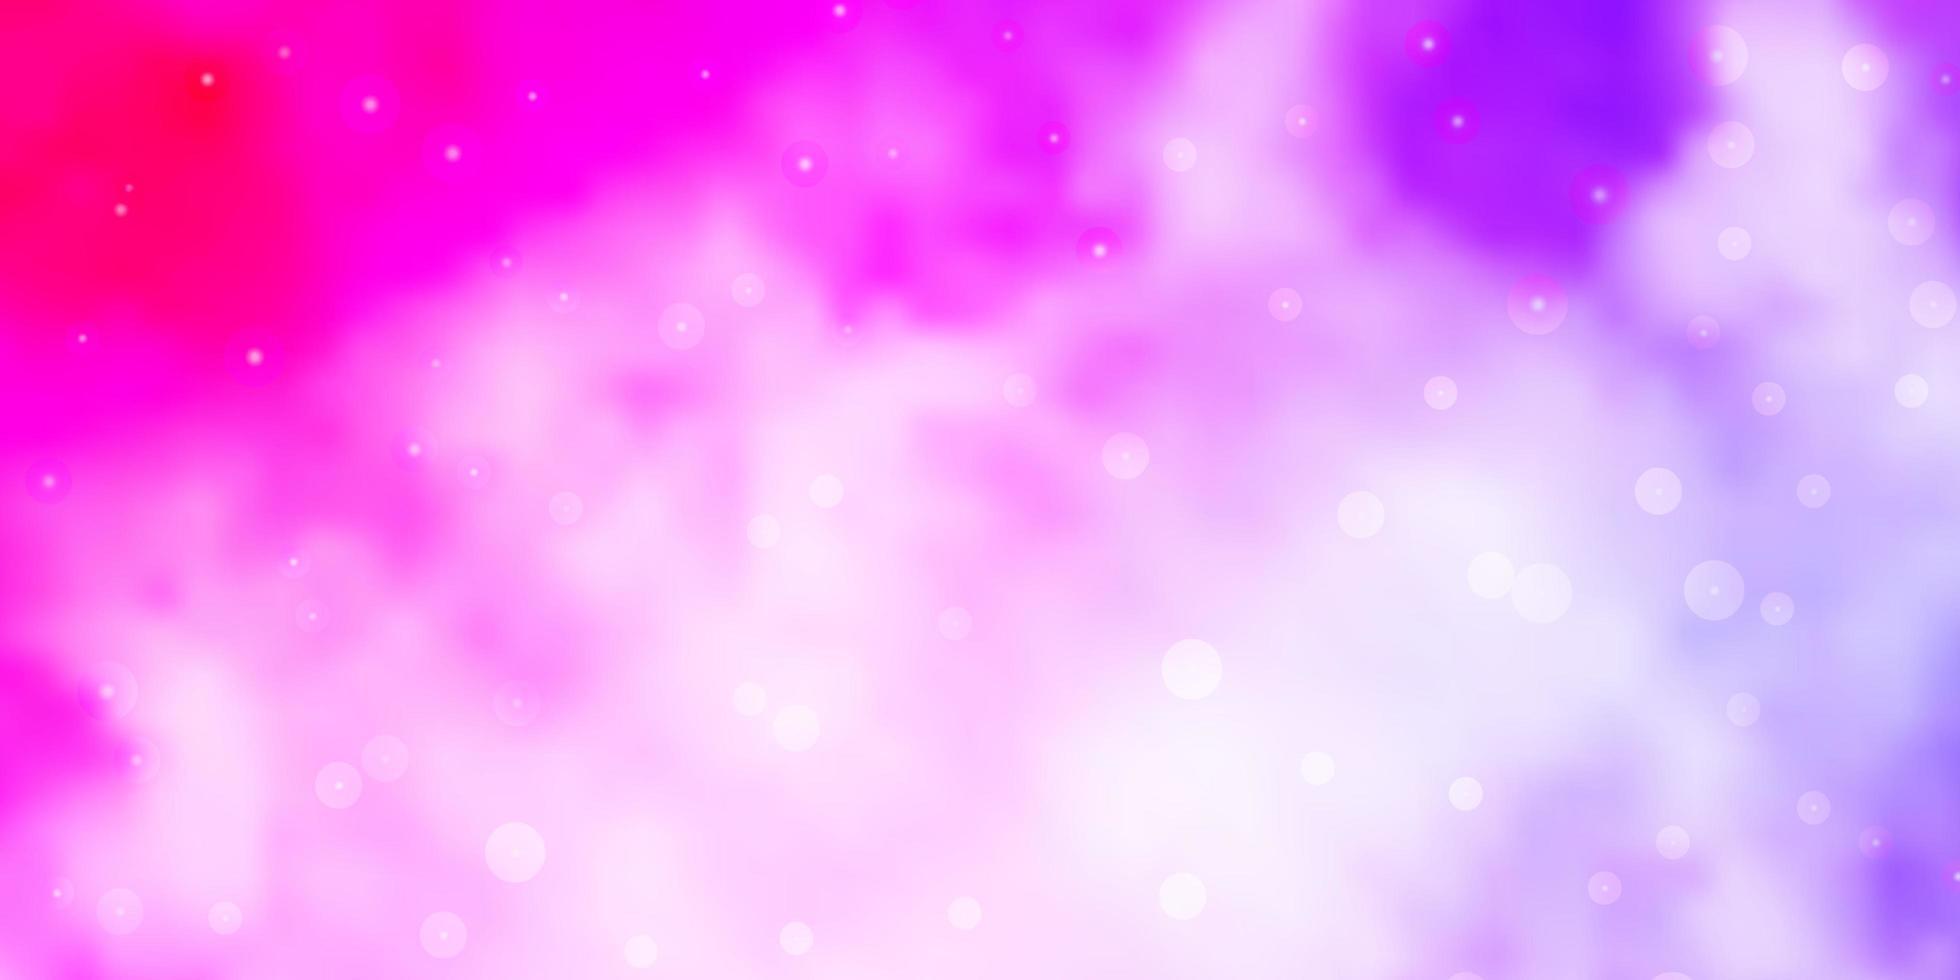 lichtpaarse, roze vectorachtergrond met kleine en grote sterren. vector